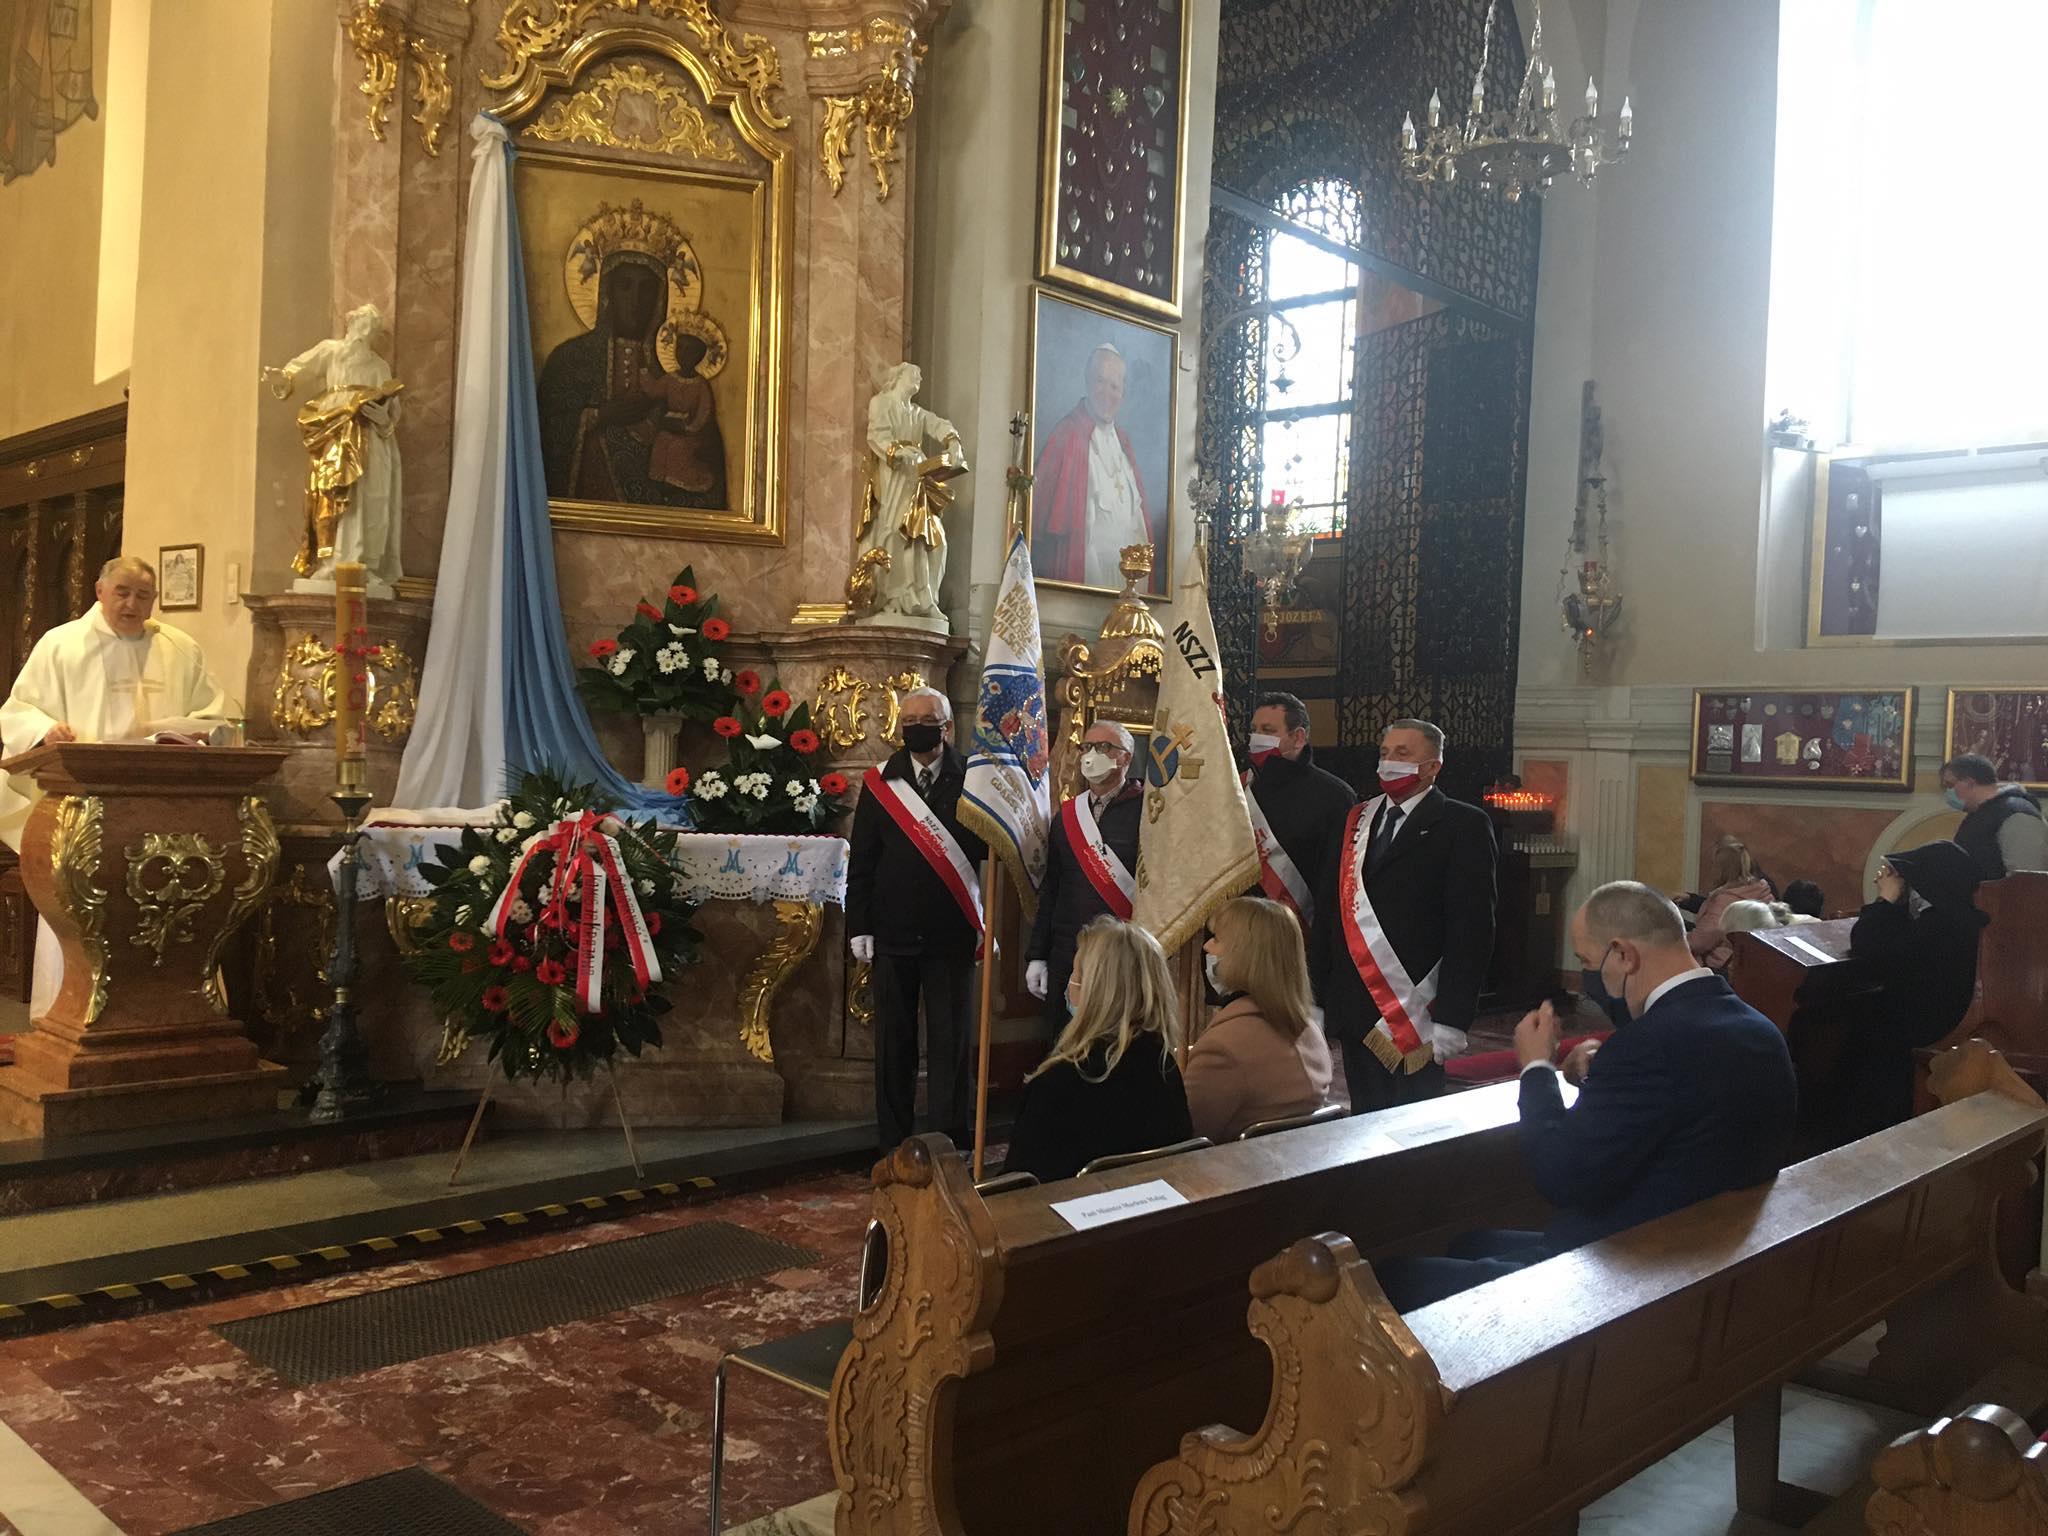 Sanktuarium św. Józefa w Kaliszu pielgrzymka 1 maja pielgrzymka robotników - Danuta Synkiewicz